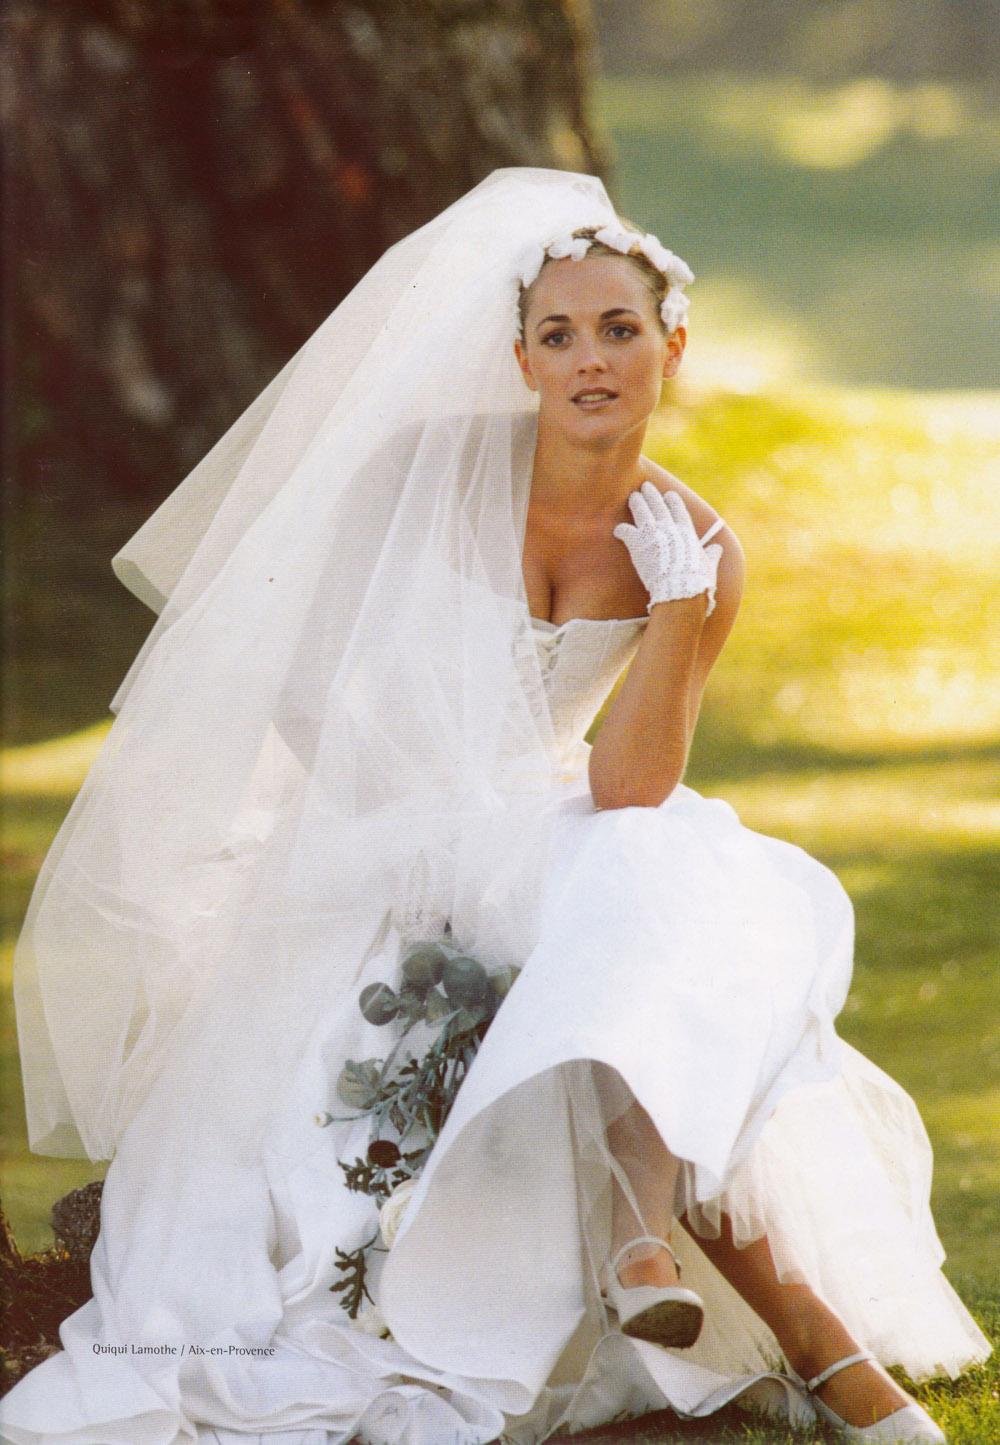 creatrice-quiqui-lamothe-robe-de-mariee-luxe-bustier-dentelle-champetre-haute-couture-mariees-de-aix